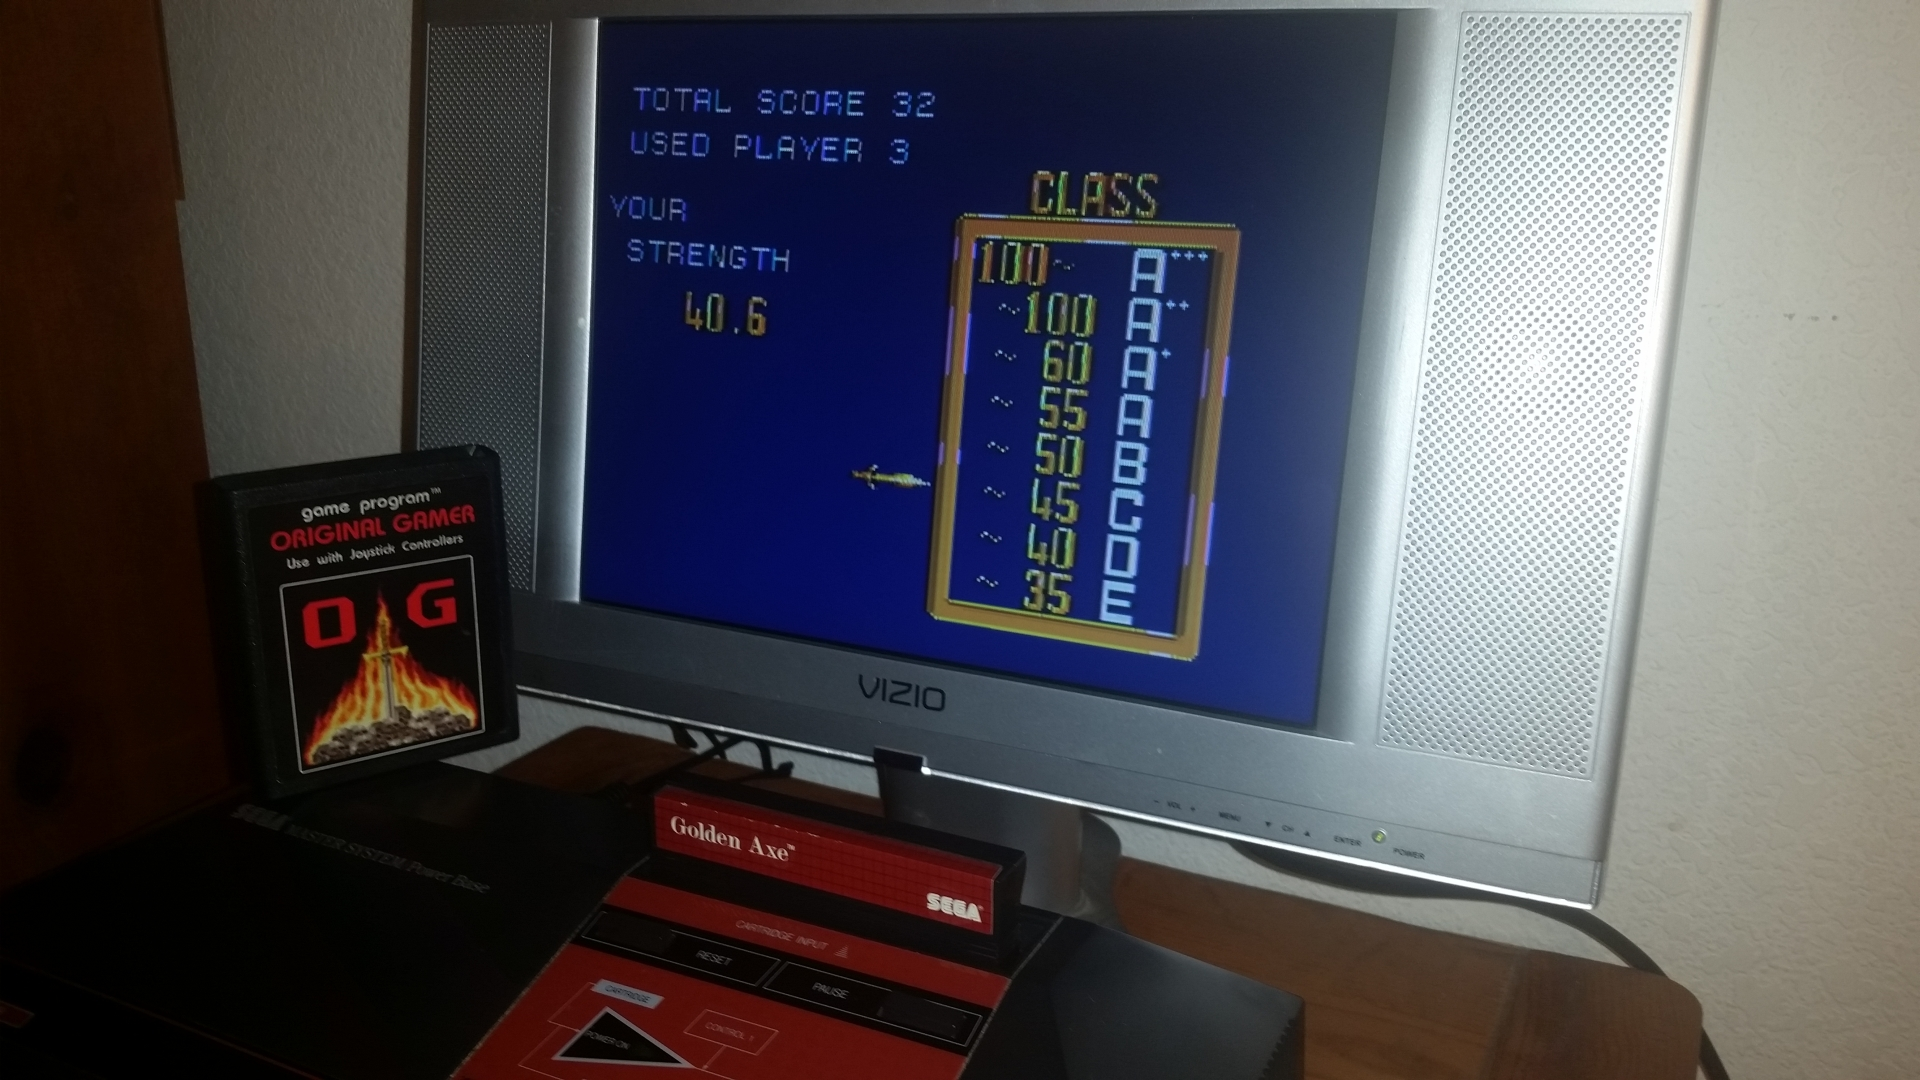 OriginalGamer: Golden Axe (Sega Master System) 32 points on 2016-11-18 00:15:03